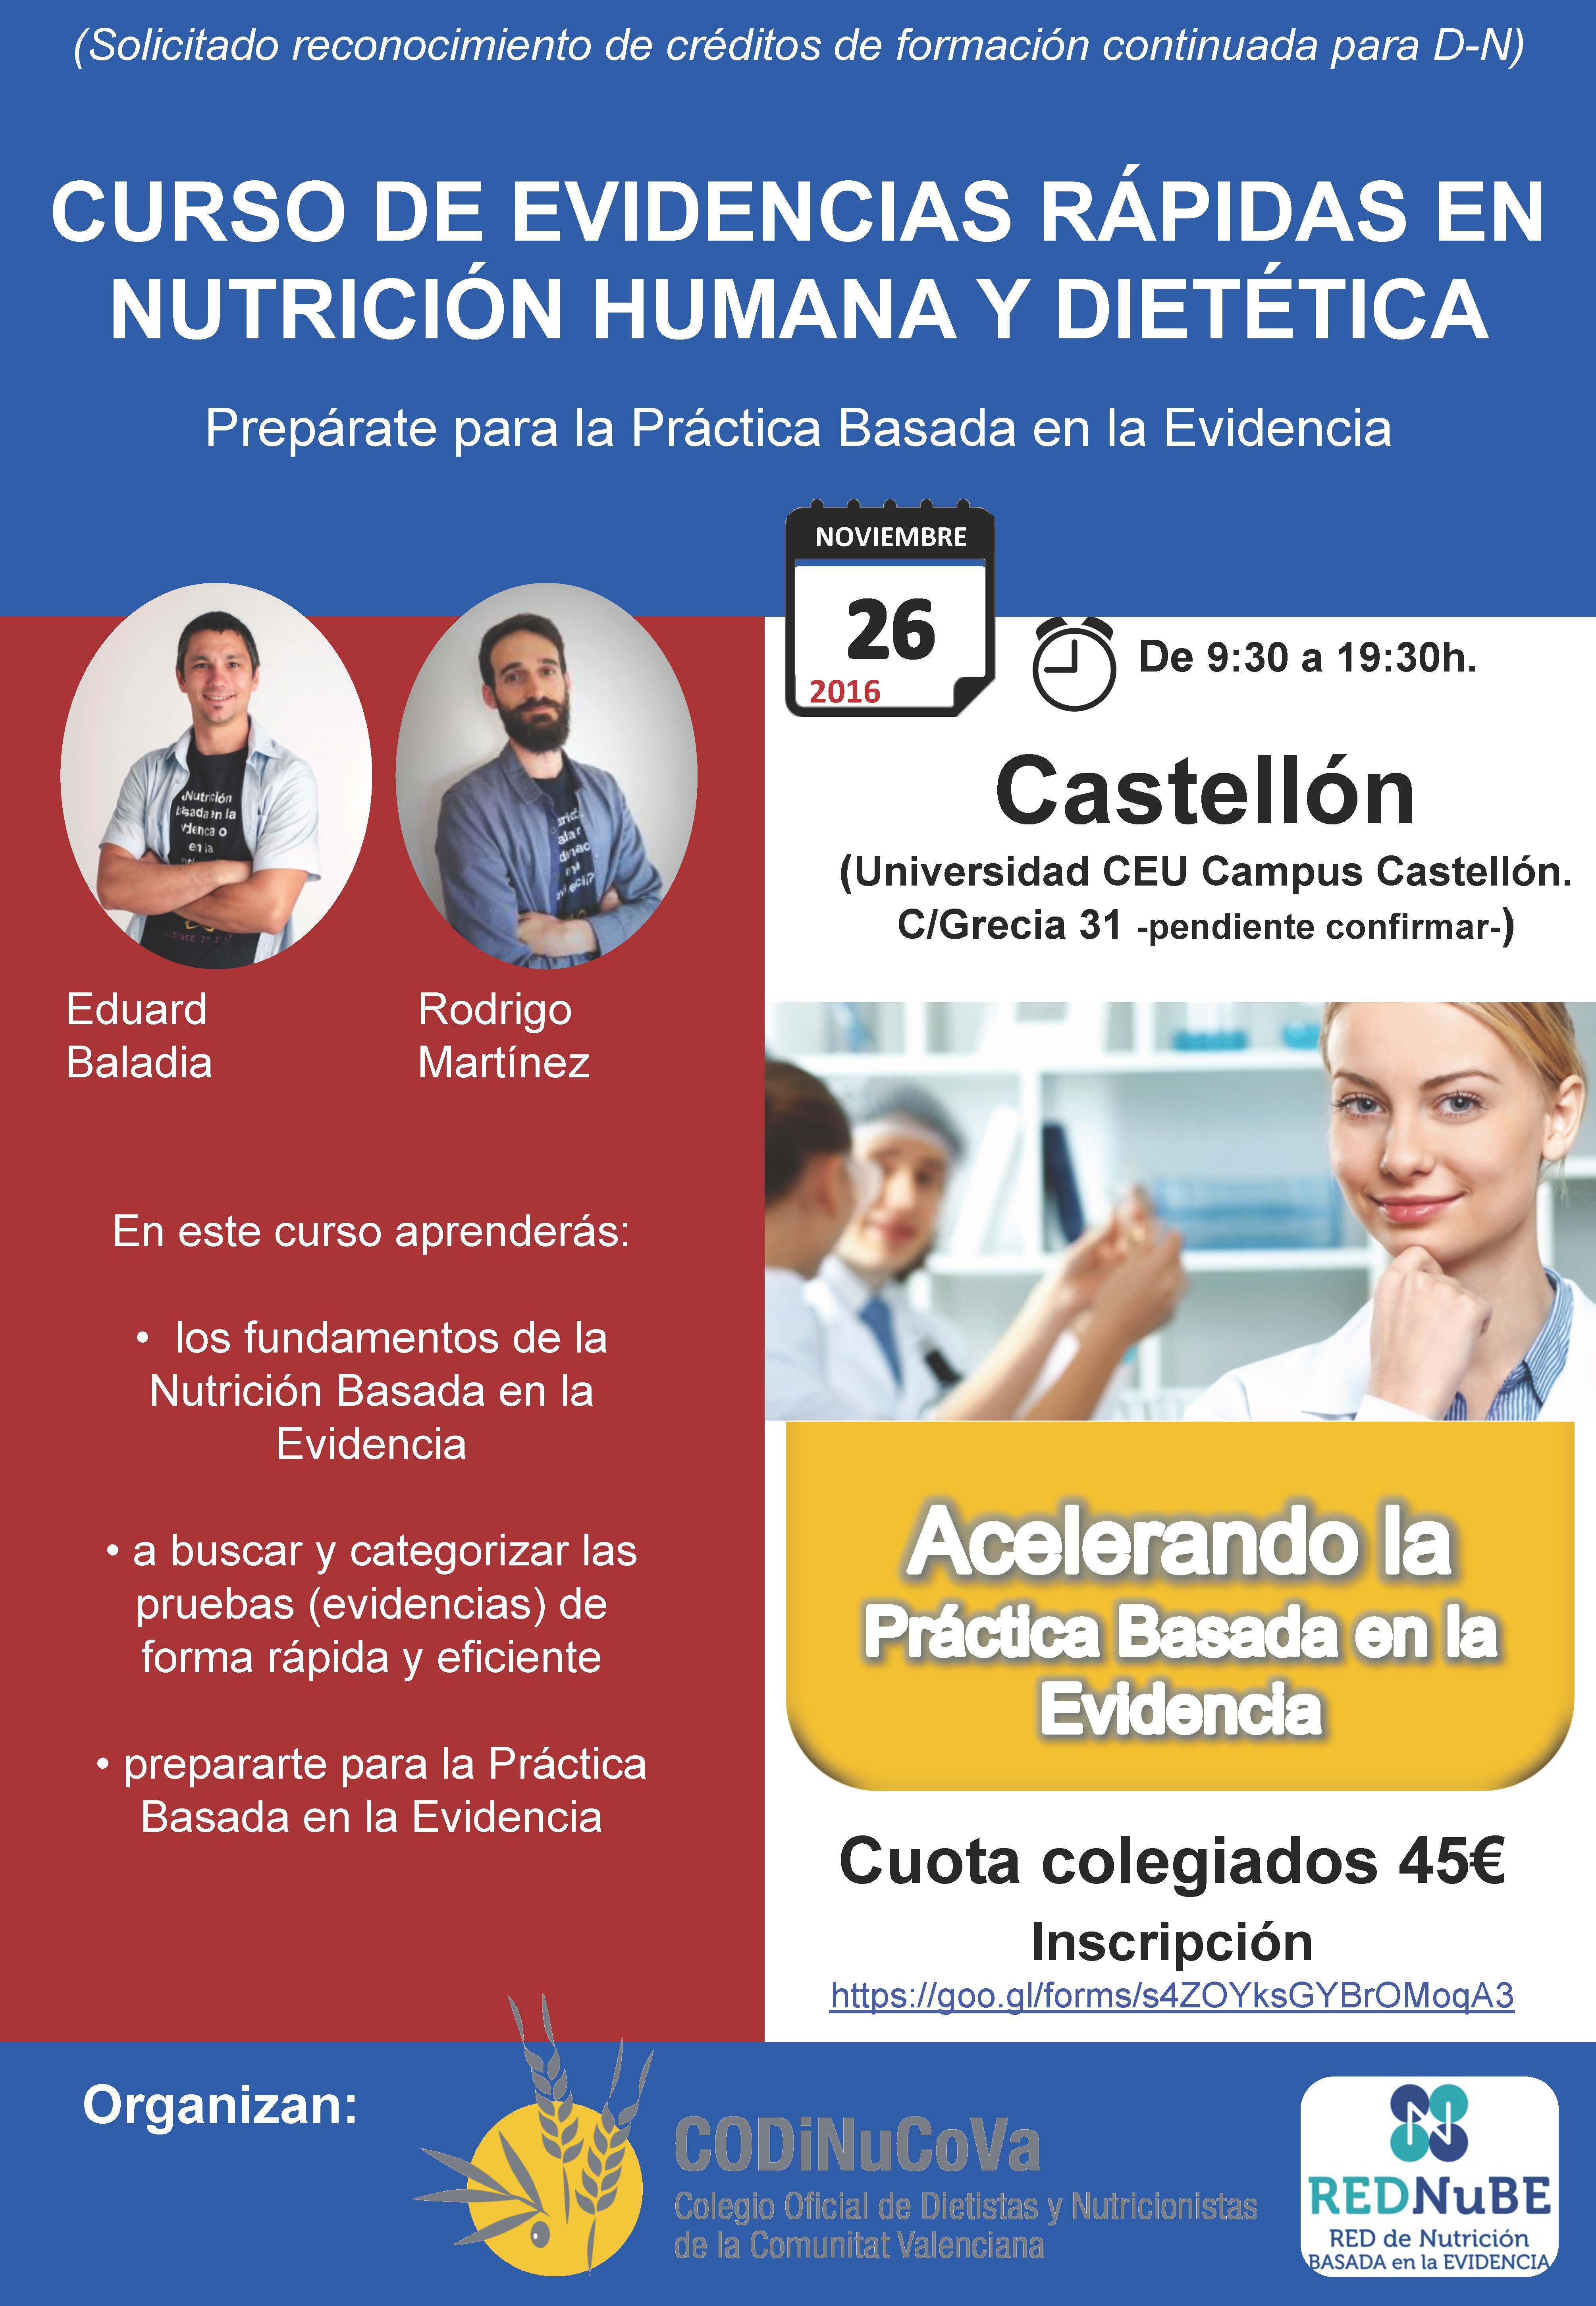 cartel_curso_rednube_valencia_2016_2